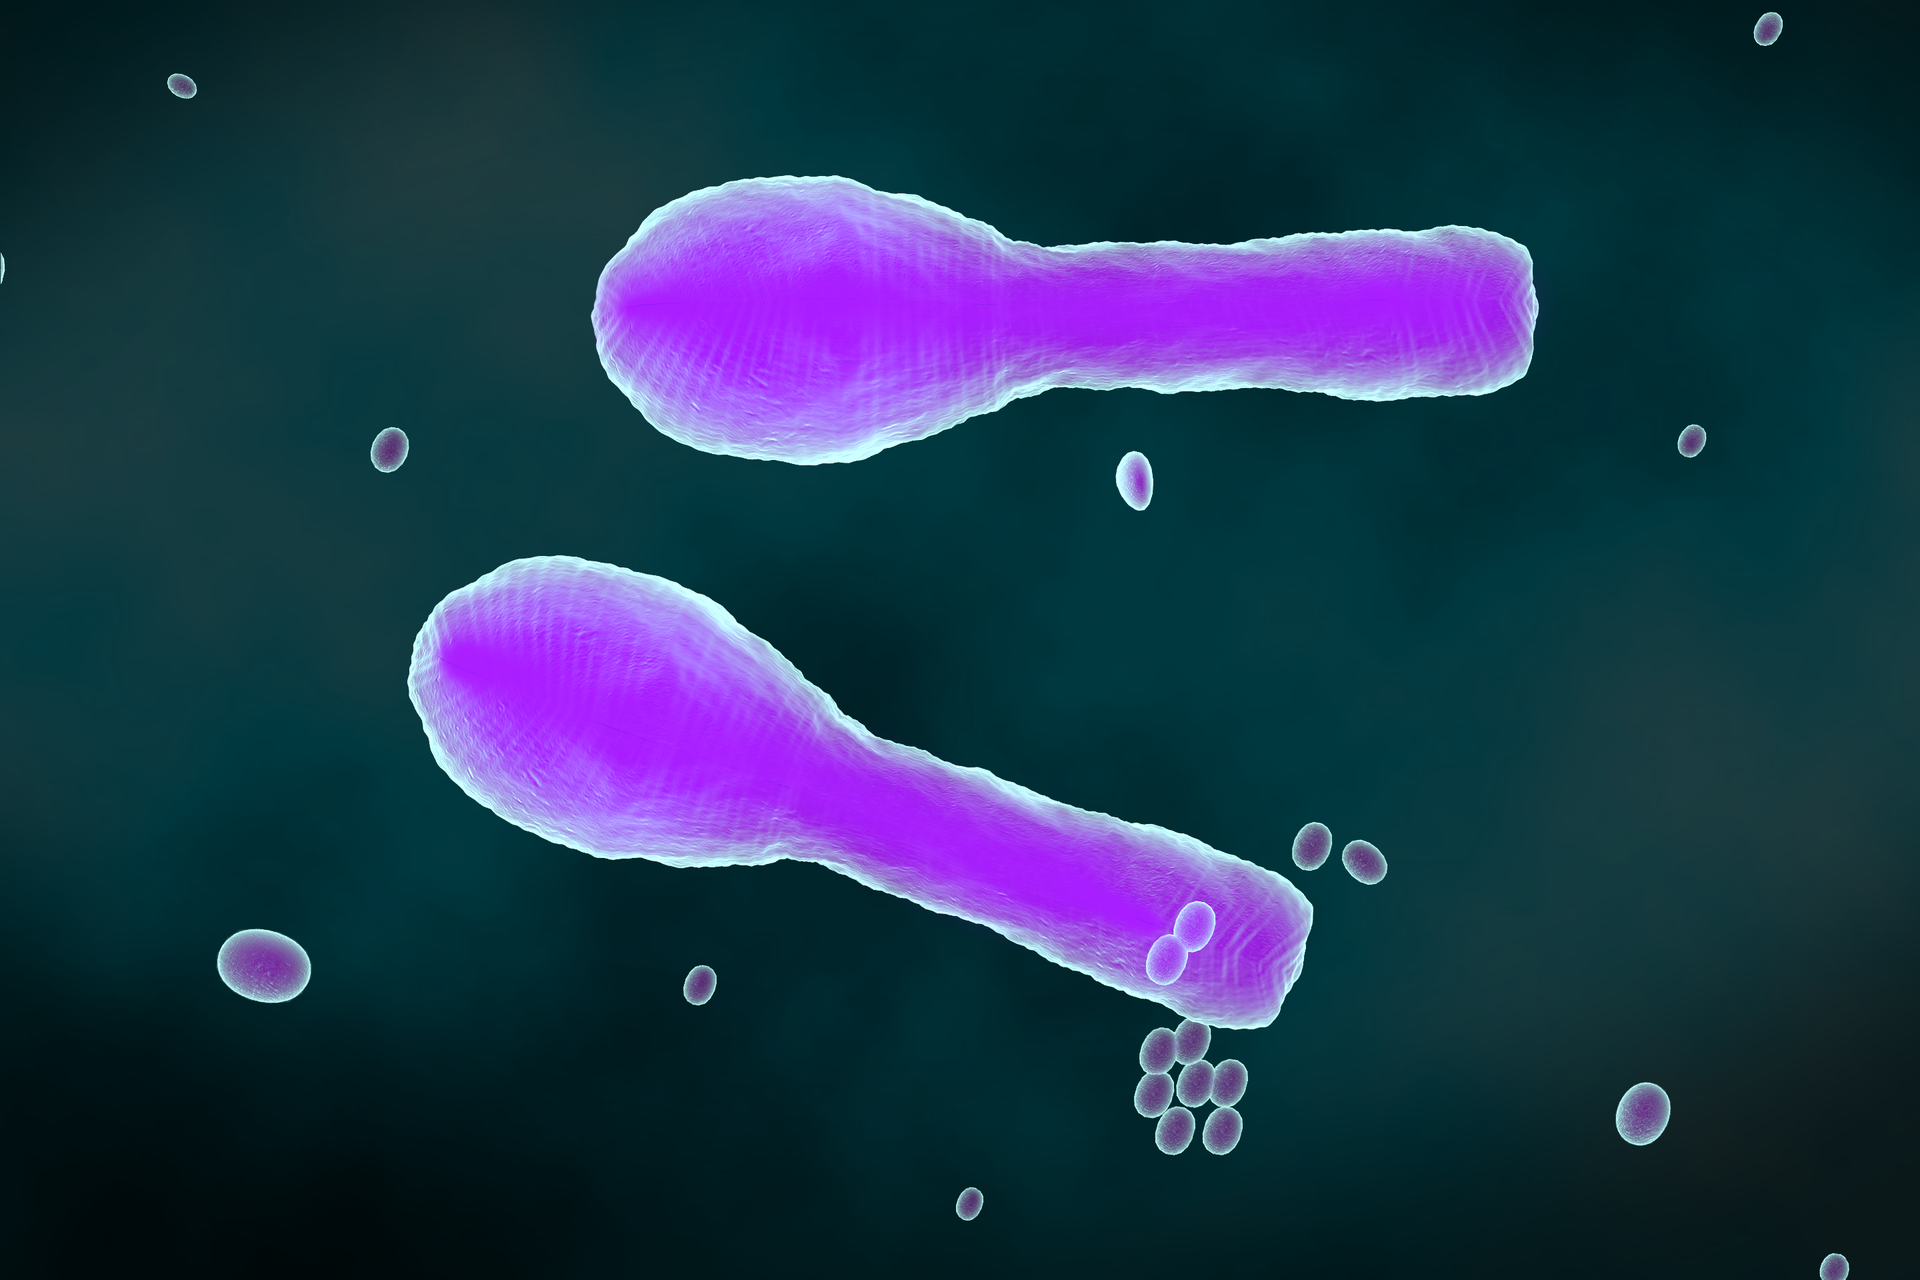 Ilustracja przedstawia na czarnym tle dwie duże, fioletowe, maczugowate bakterie ikilka mniejszych owalnych. Duże bakterie to laseczki tężca, azgrubienie na końcu to ich przetrwalnik.